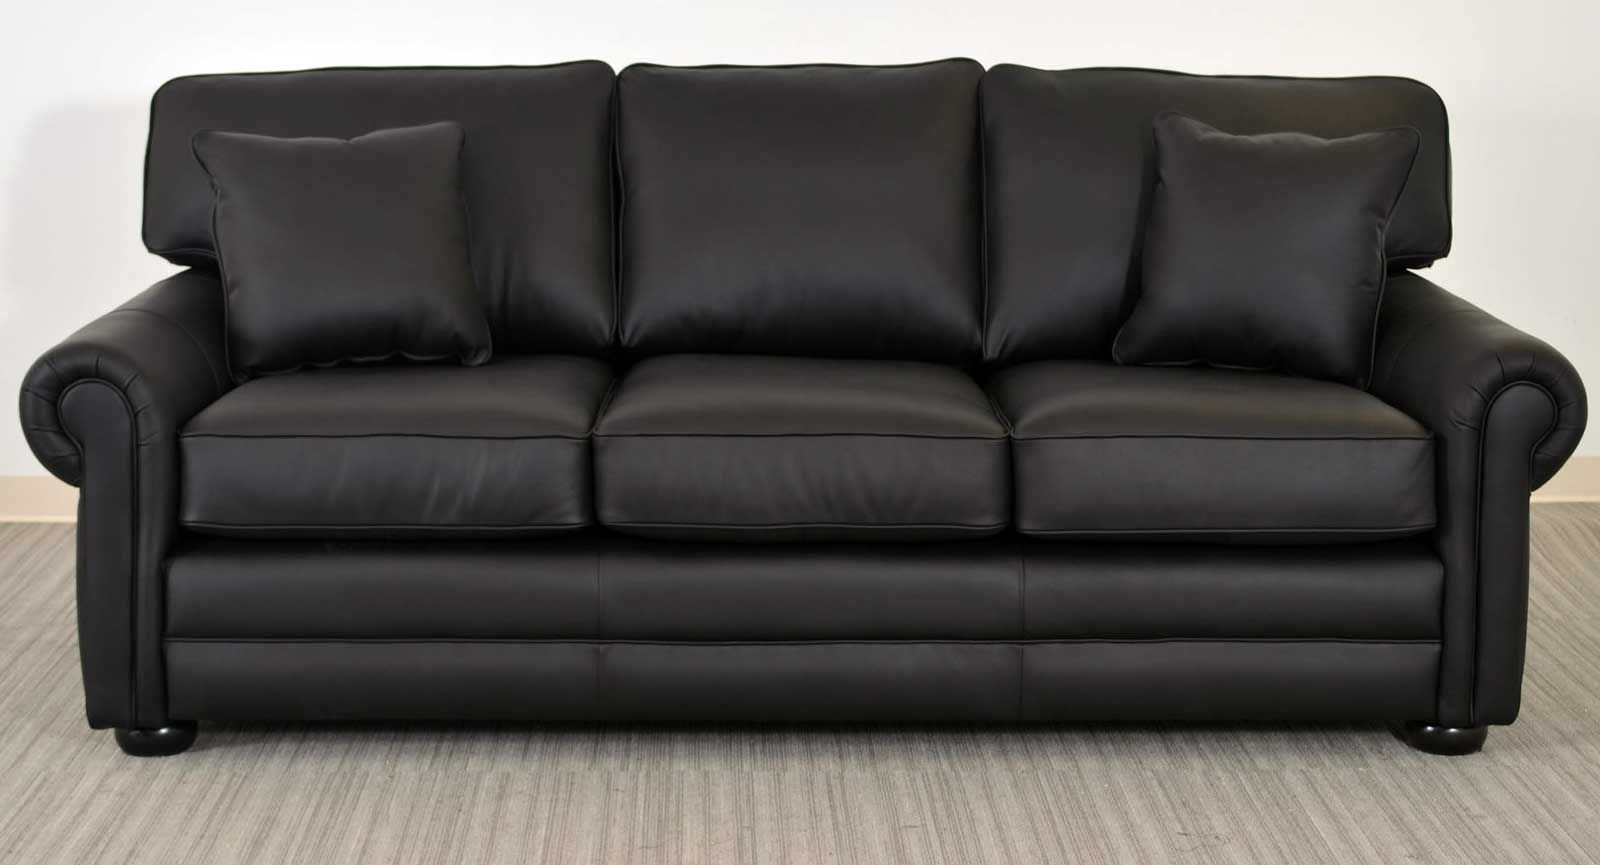 Lancaster Black Leather Sofa ‹‹ The Leather Sofa Company ...